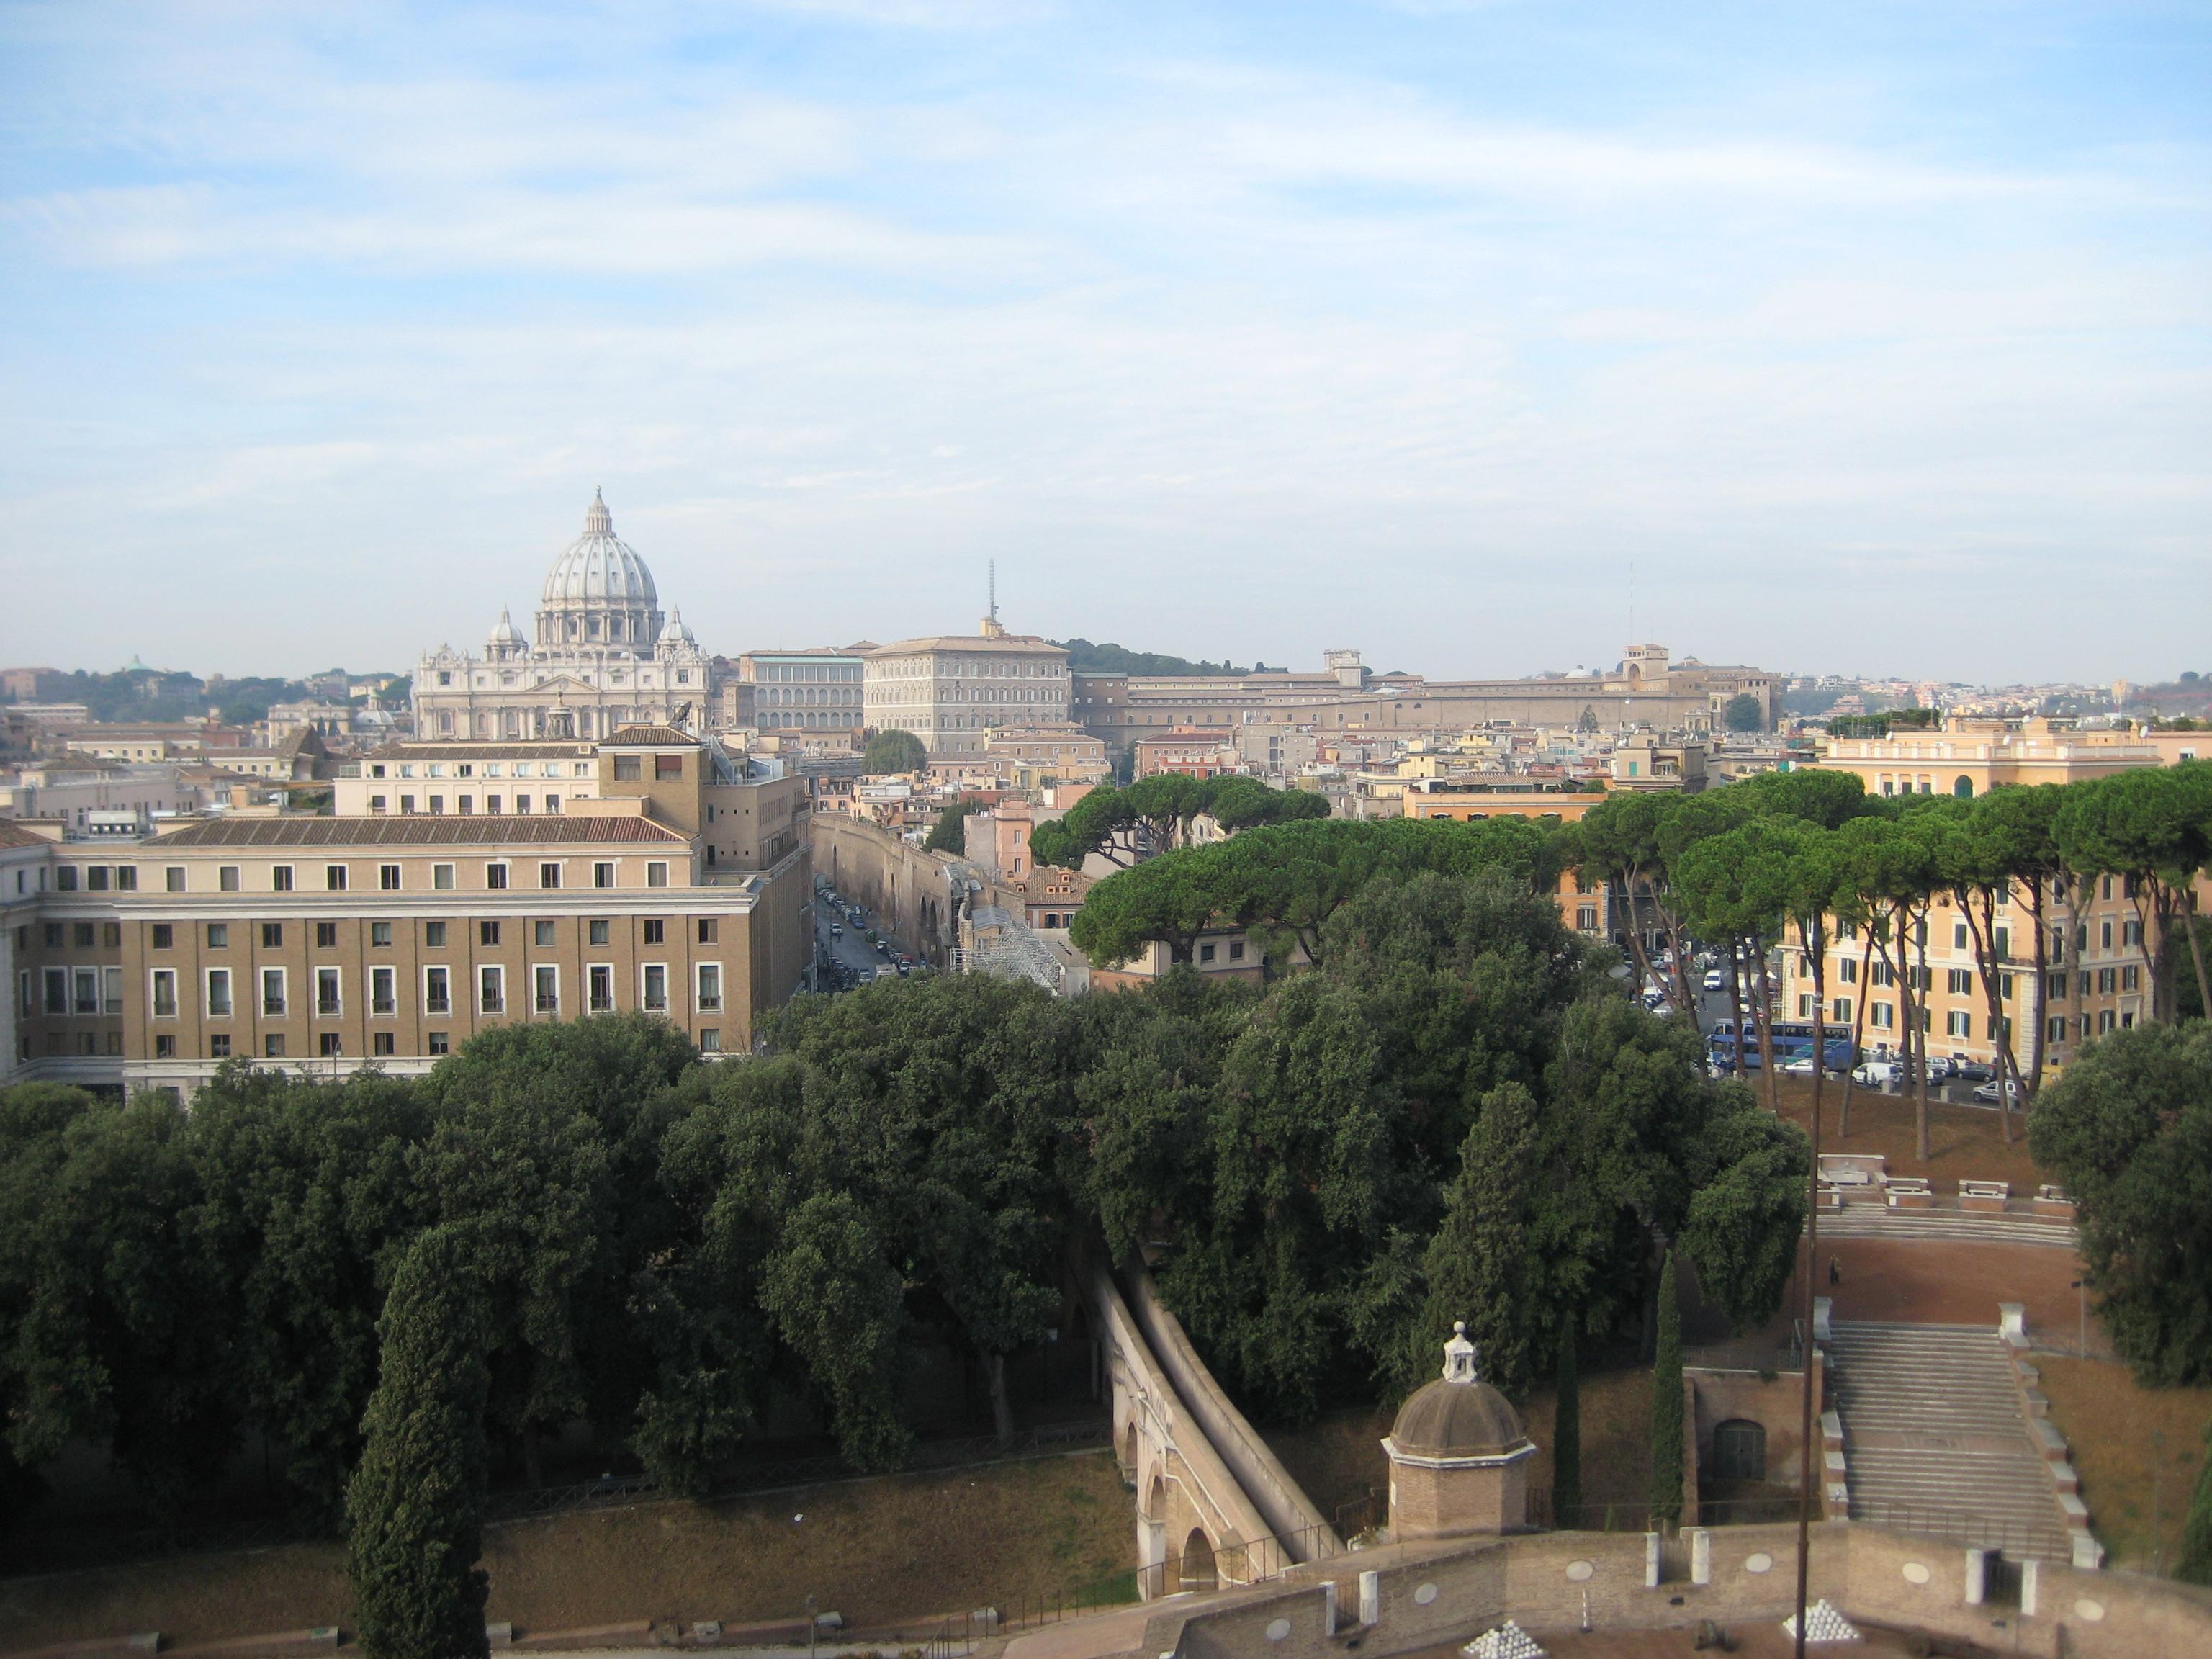 Petersdom, Apostolischer Palast und Vatikanische Museen von der Engelsburg aus.